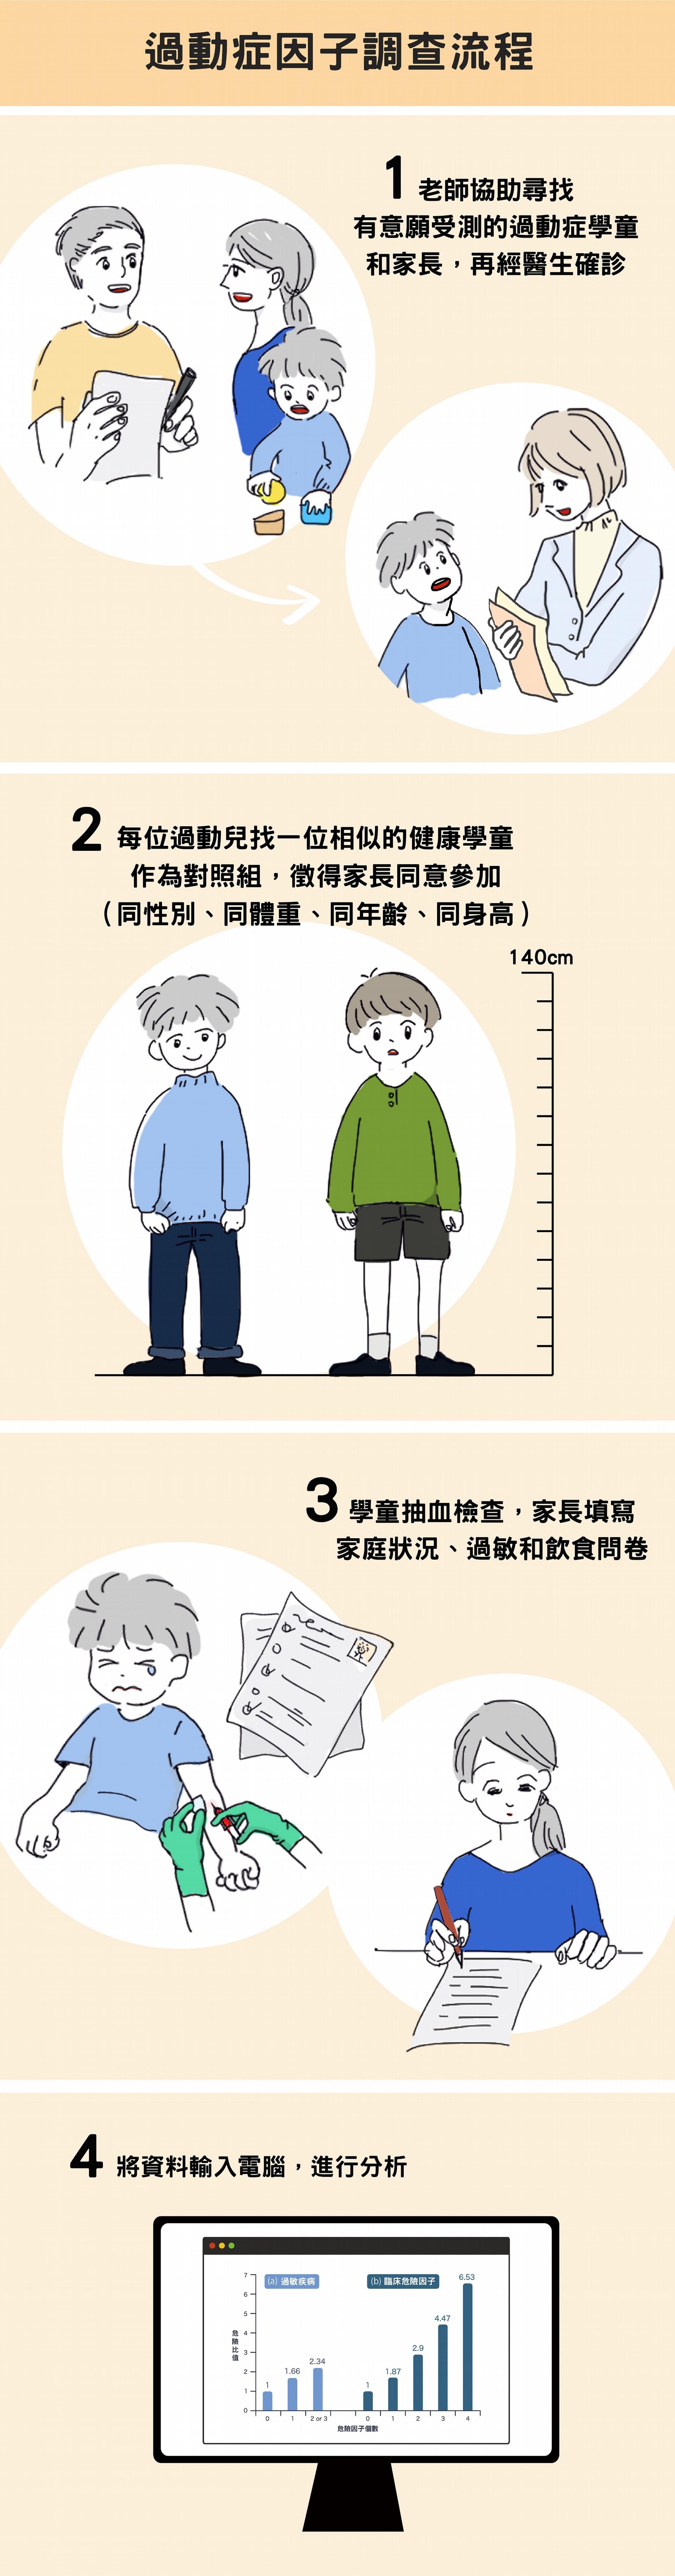 圖說設計 │黃曉君、林洵安